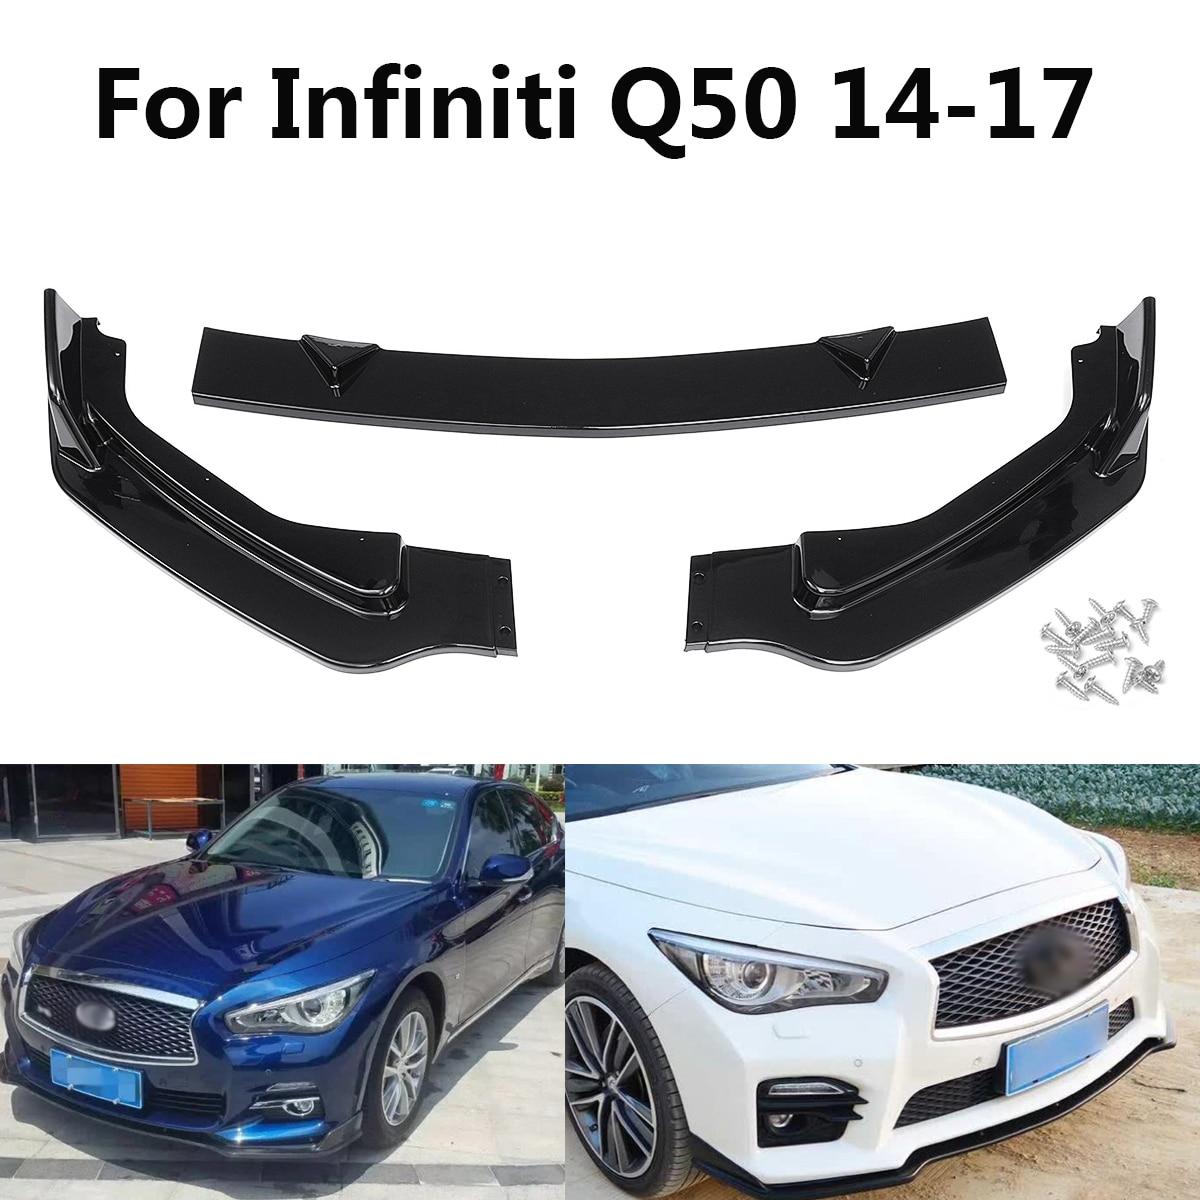 Nouveau 3 PCS PP Modèle De Base Pare-chocs Avant Lip Spoiler Brillant noir pour Infiniti Q50 14-17 Auto Extérieur Pièces Styling Moulures Spoiler